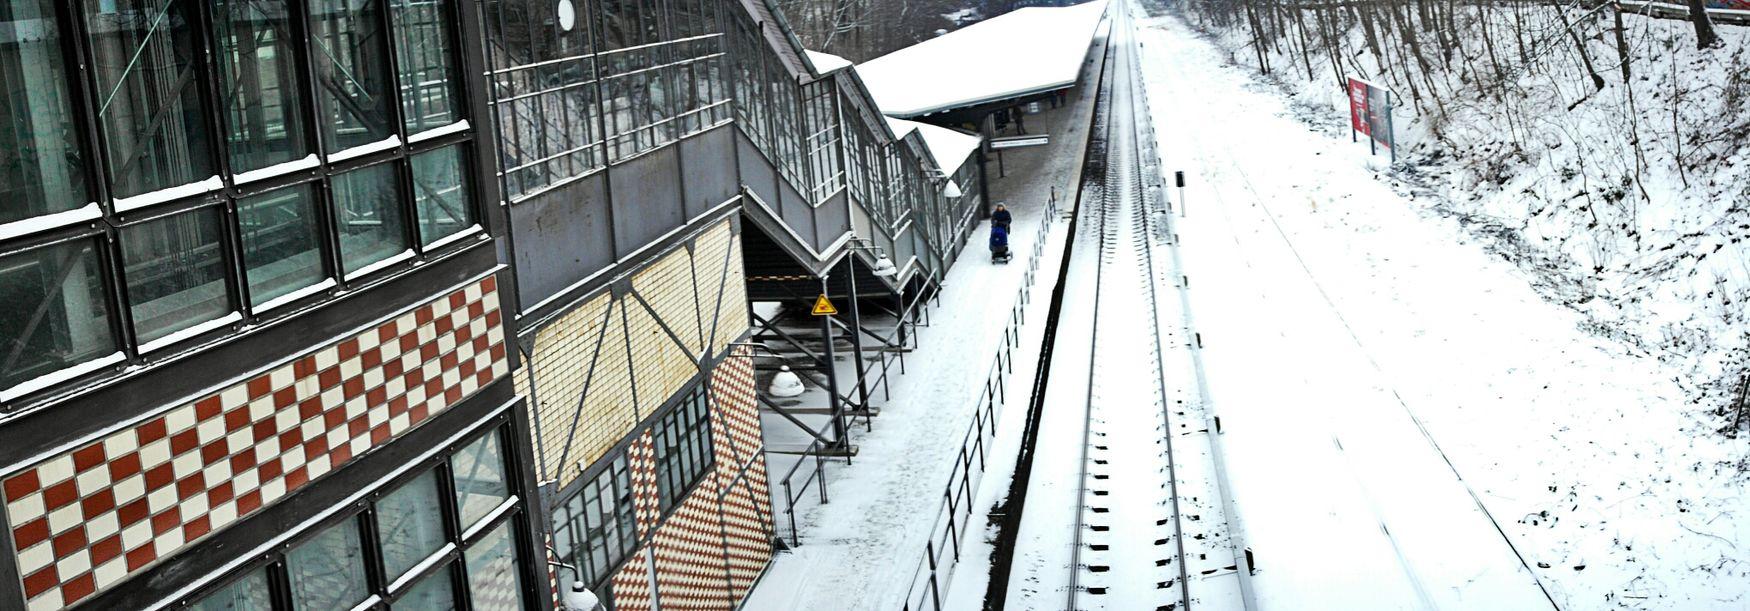 Auf Die Sbahn Warten Botanischer Garten Winter White By CanvasPop Railway